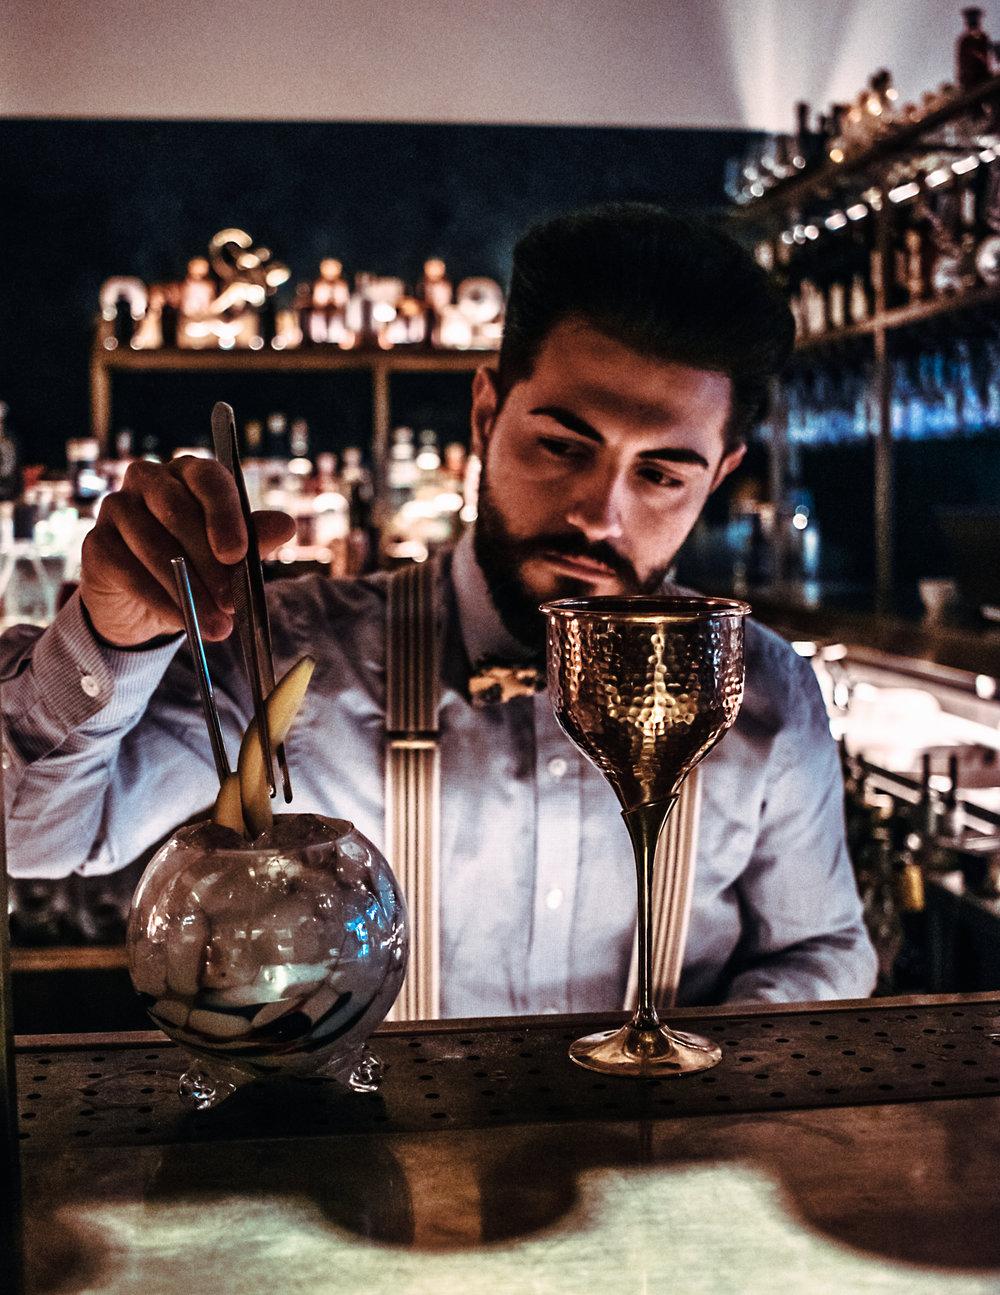 Farzi cafe London review